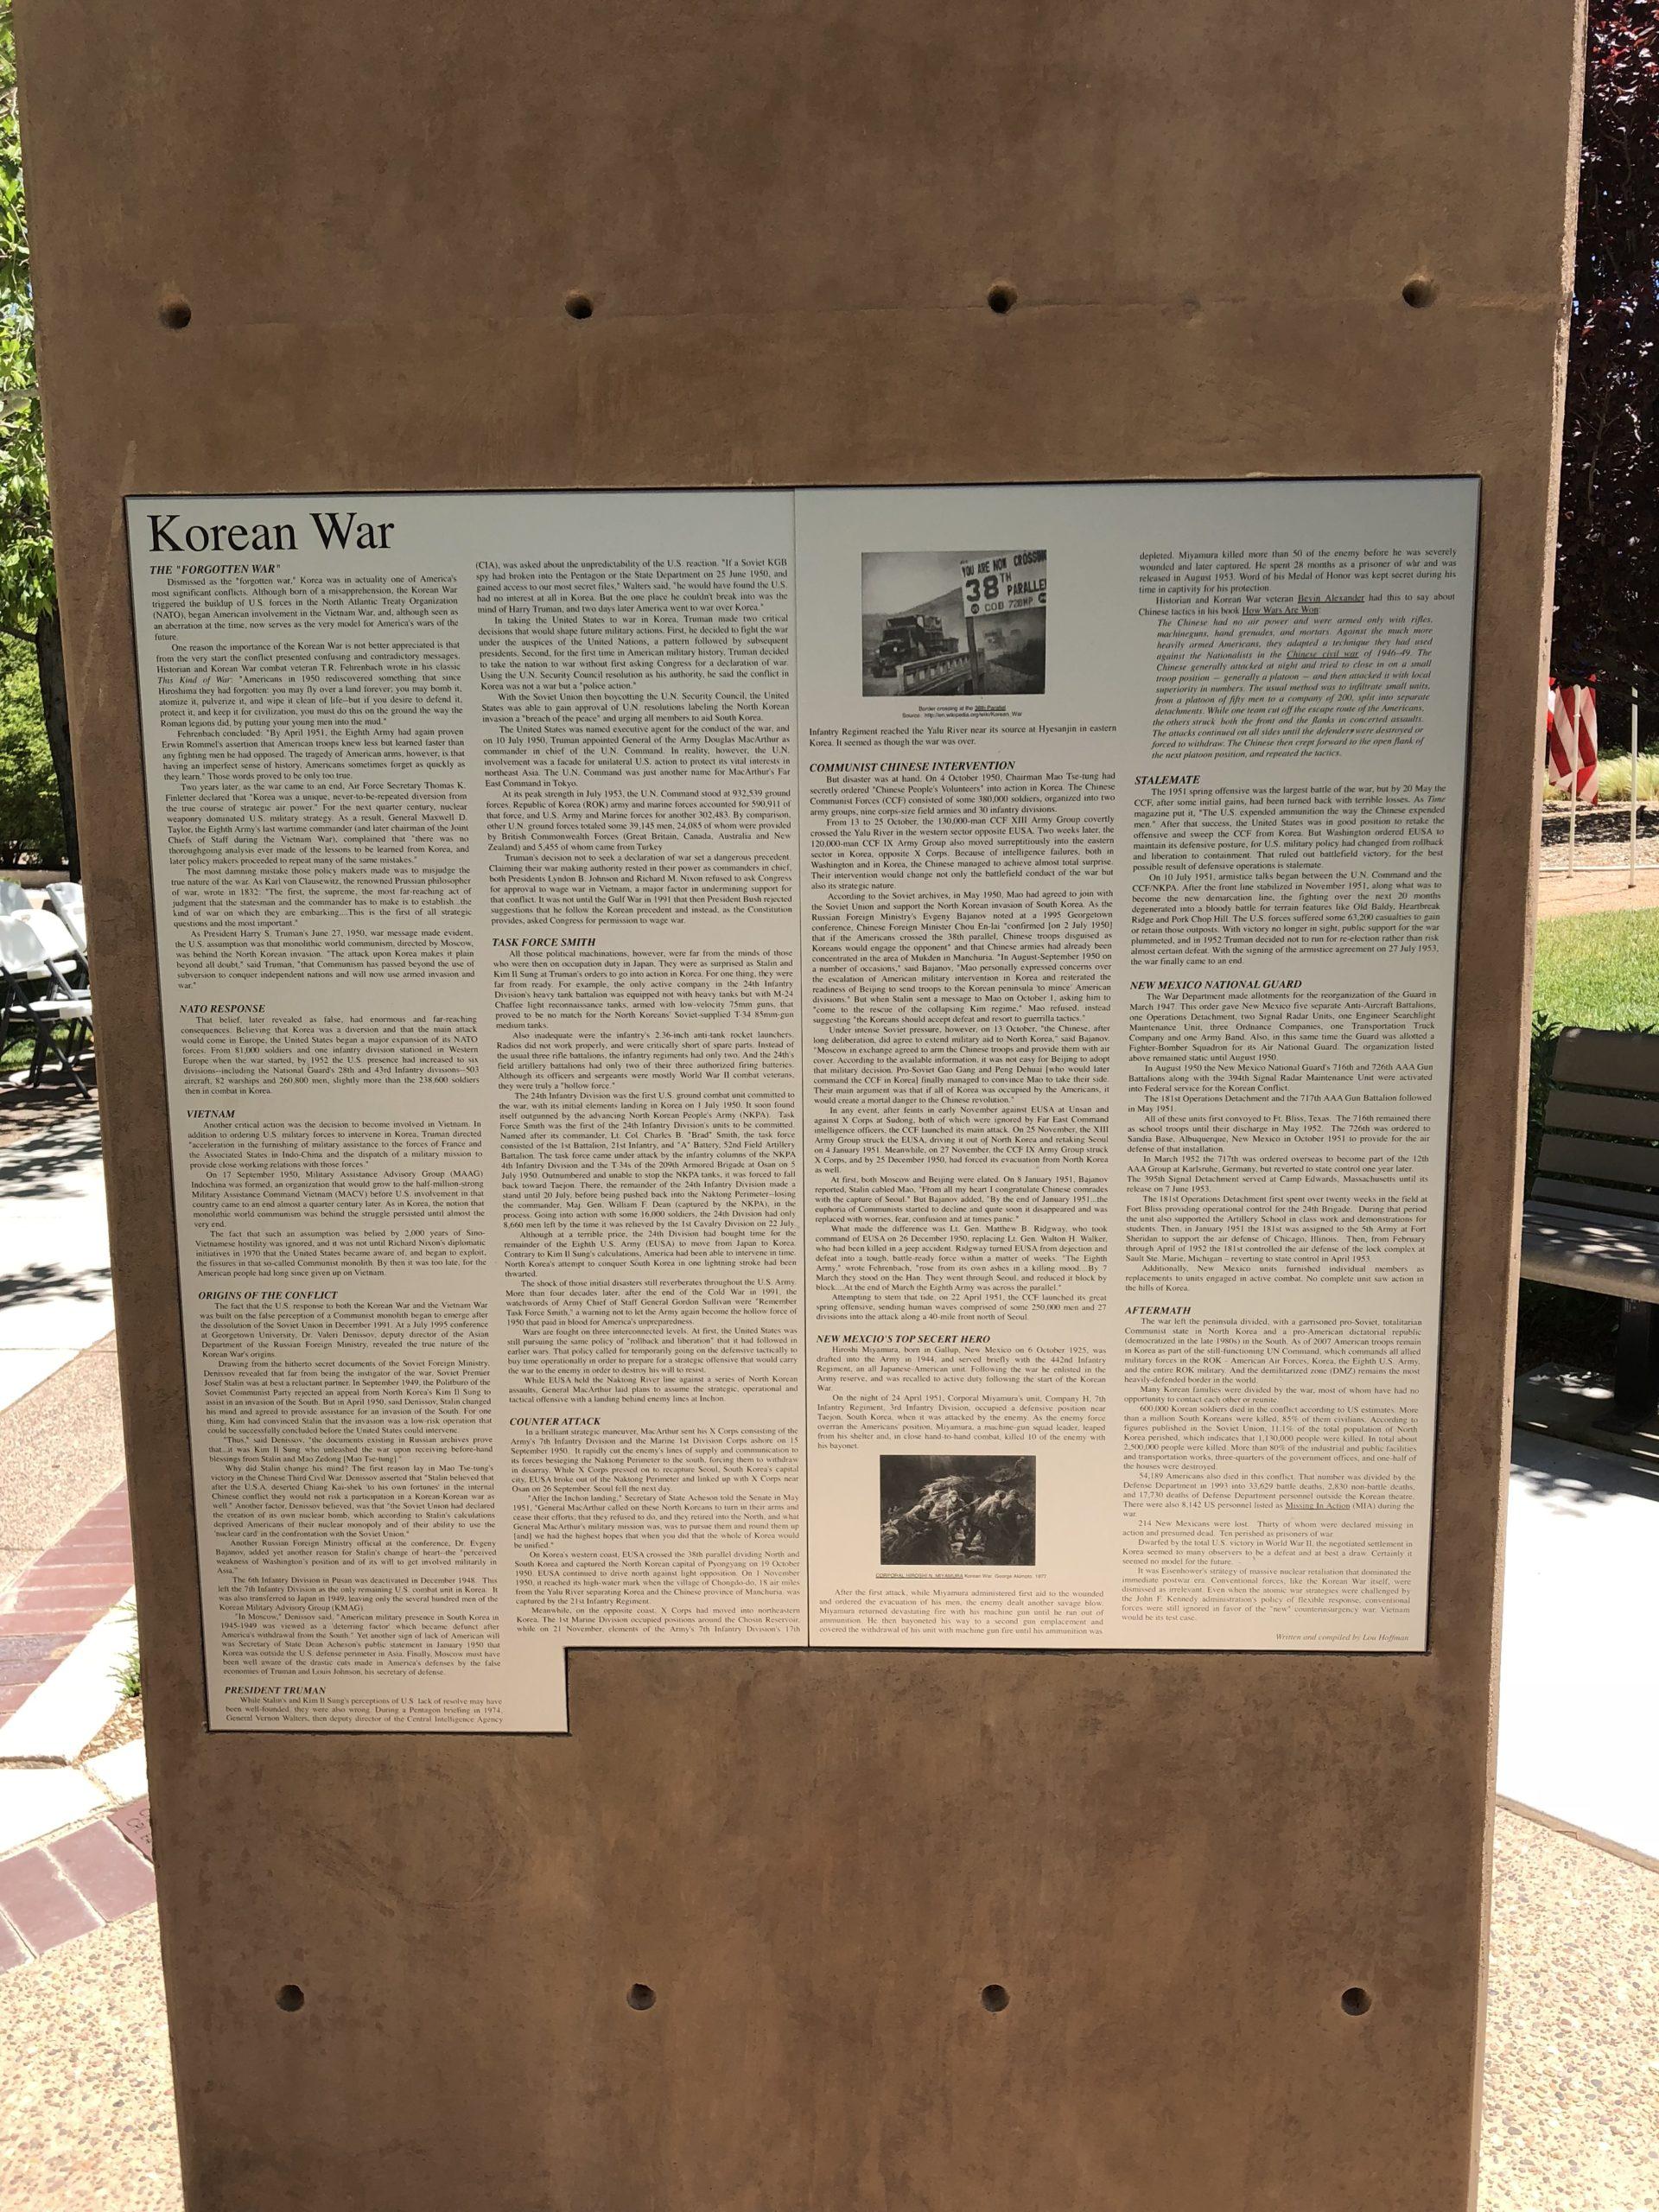 Korean War Memorials - Albuquerque